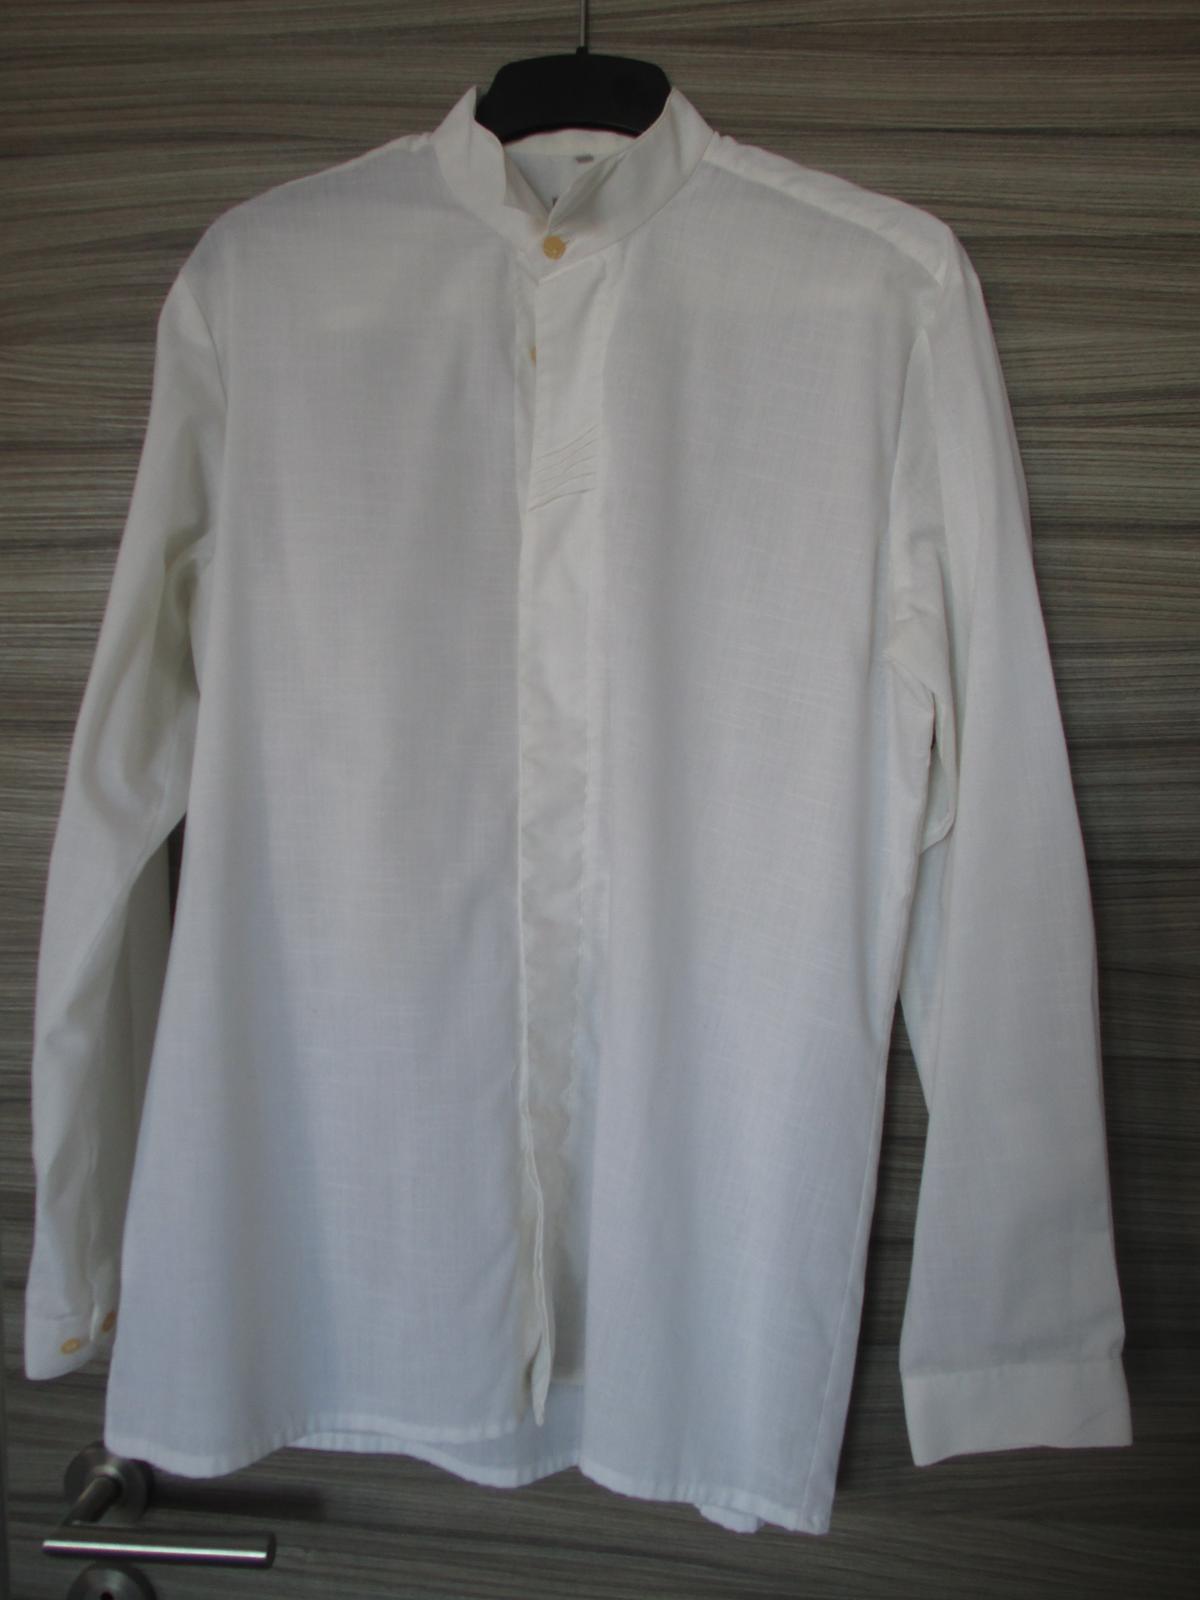 Košile na motýlka - Obrázek č. 1